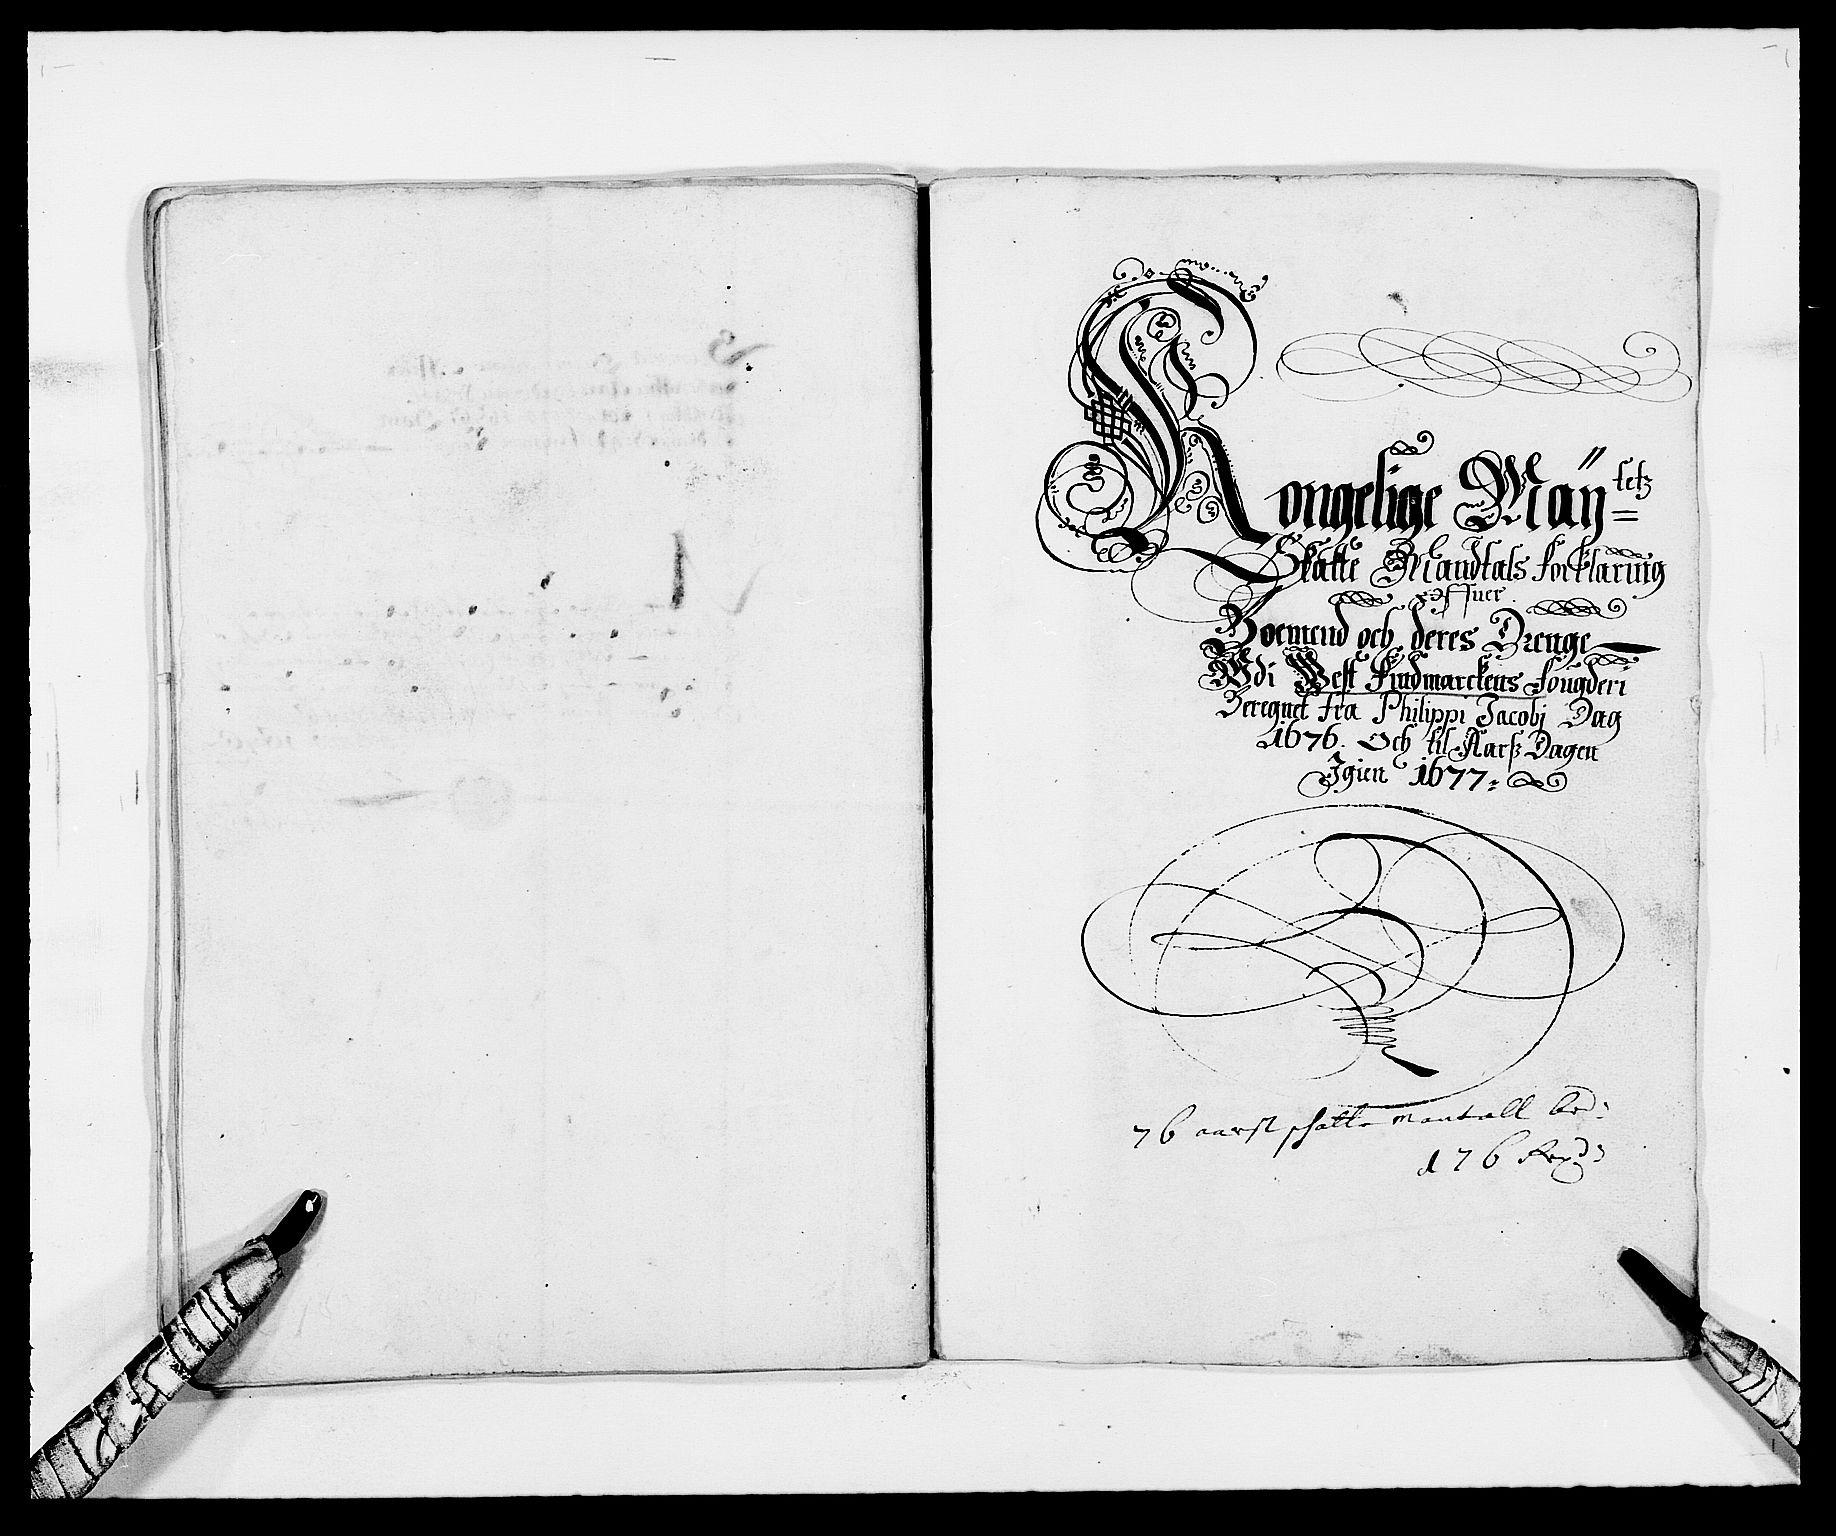 RA, Rentekammeret inntil 1814, Reviderte regnskaper, Fogderegnskap, R69/L4849: Fogderegnskap Finnmark/Vardøhus, 1661-1679, s. 356